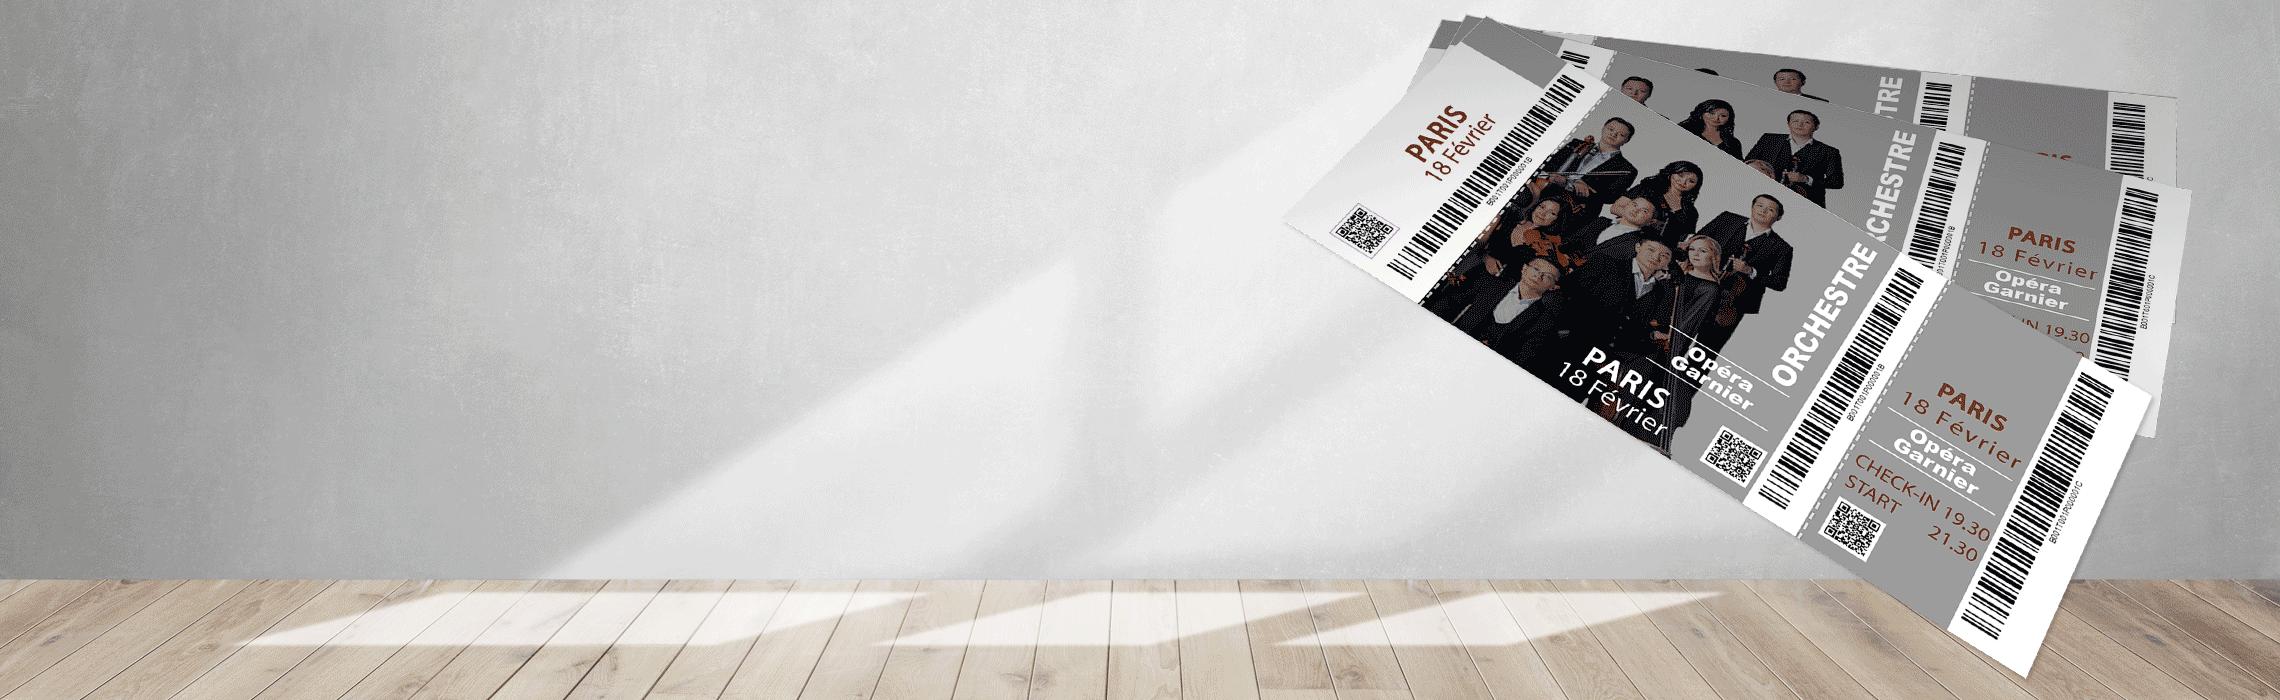 Billets avec code a barres et code QR